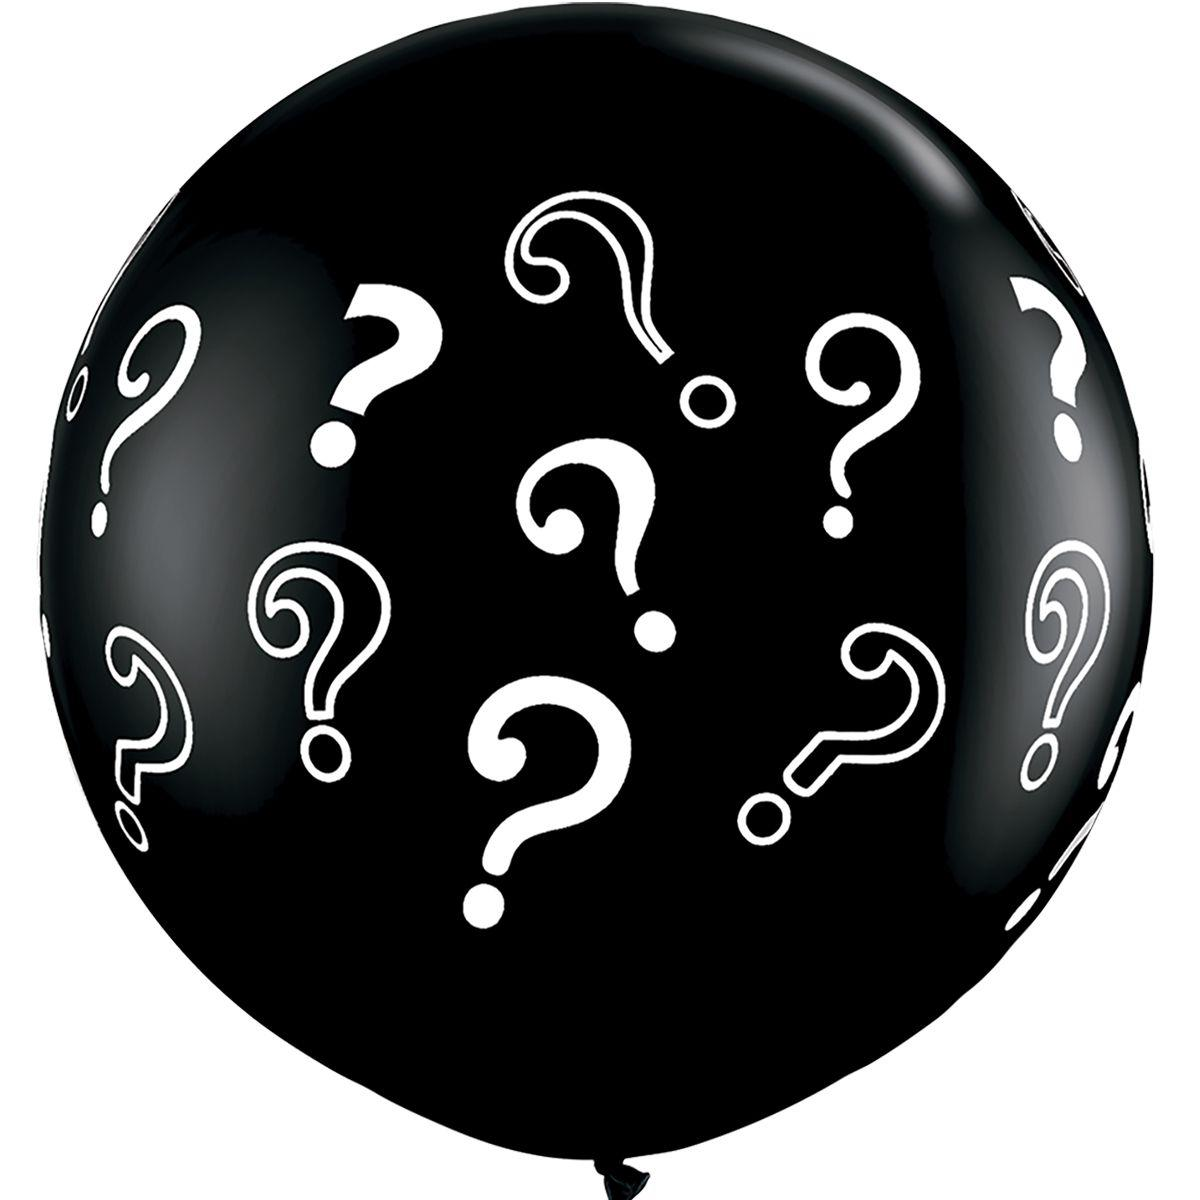 Воздушный шар Вопросительные знаки 80 см с наполнением